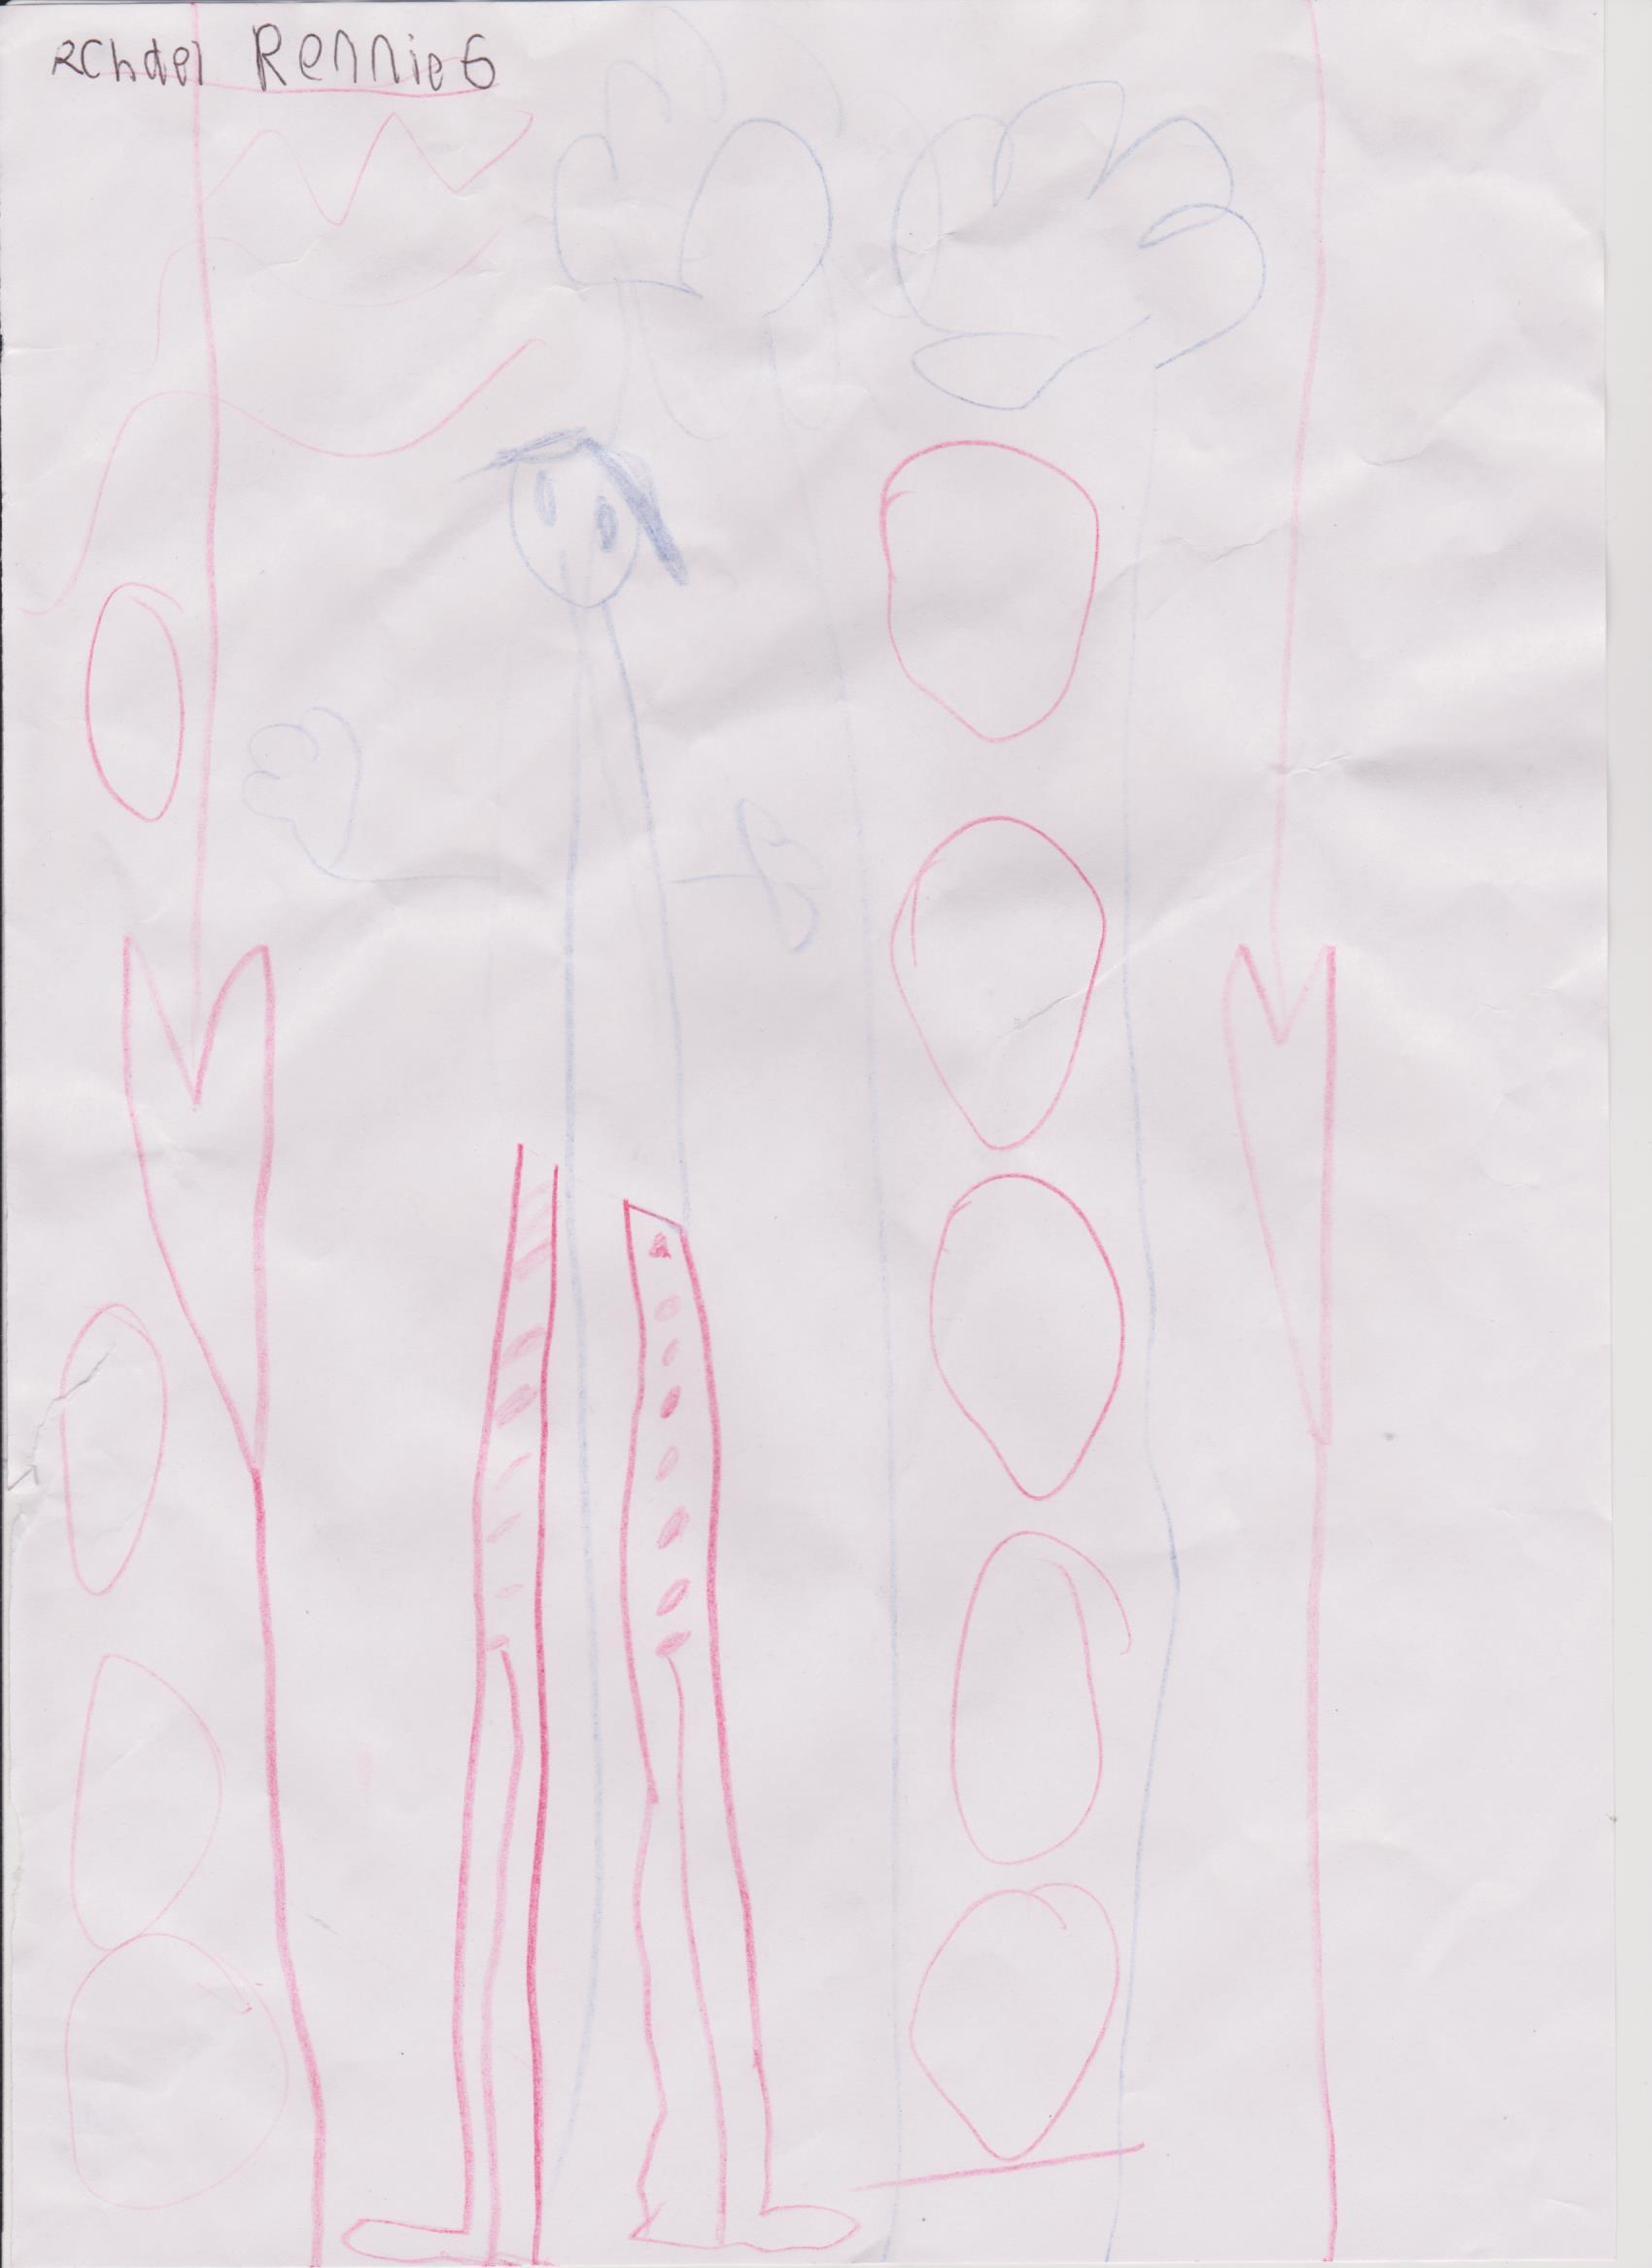 rachel-rennie-age-6-001